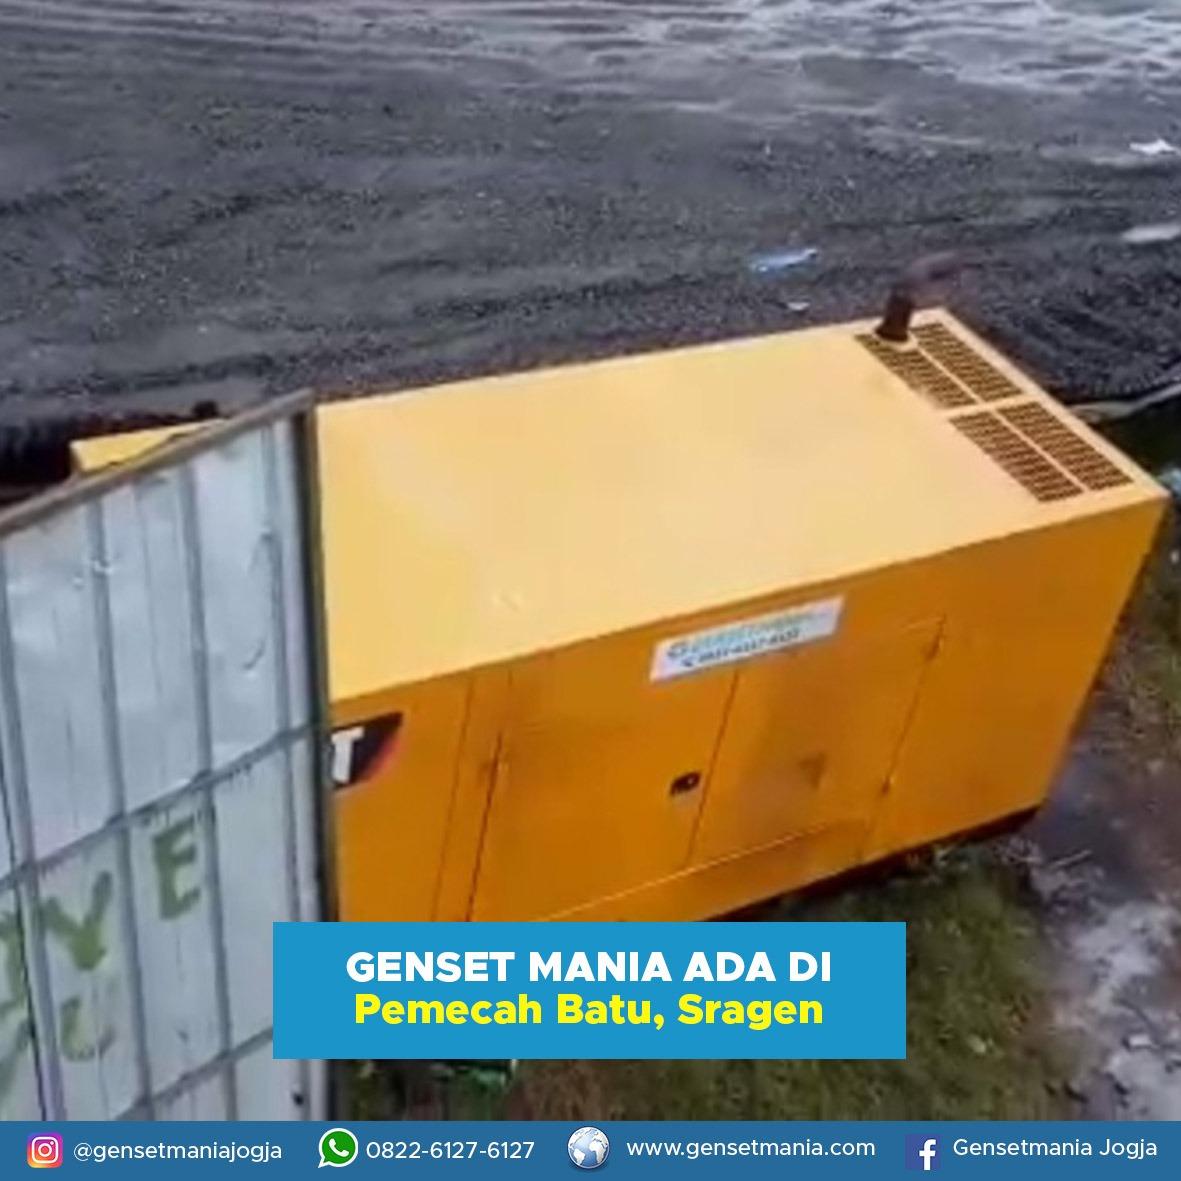 Genset Pembangunan Bandara Kulon Progo   GENSETMANIA SEWA GENSET JOGJA - Sewa menyewa jadi lebih mudah di Spotsewa